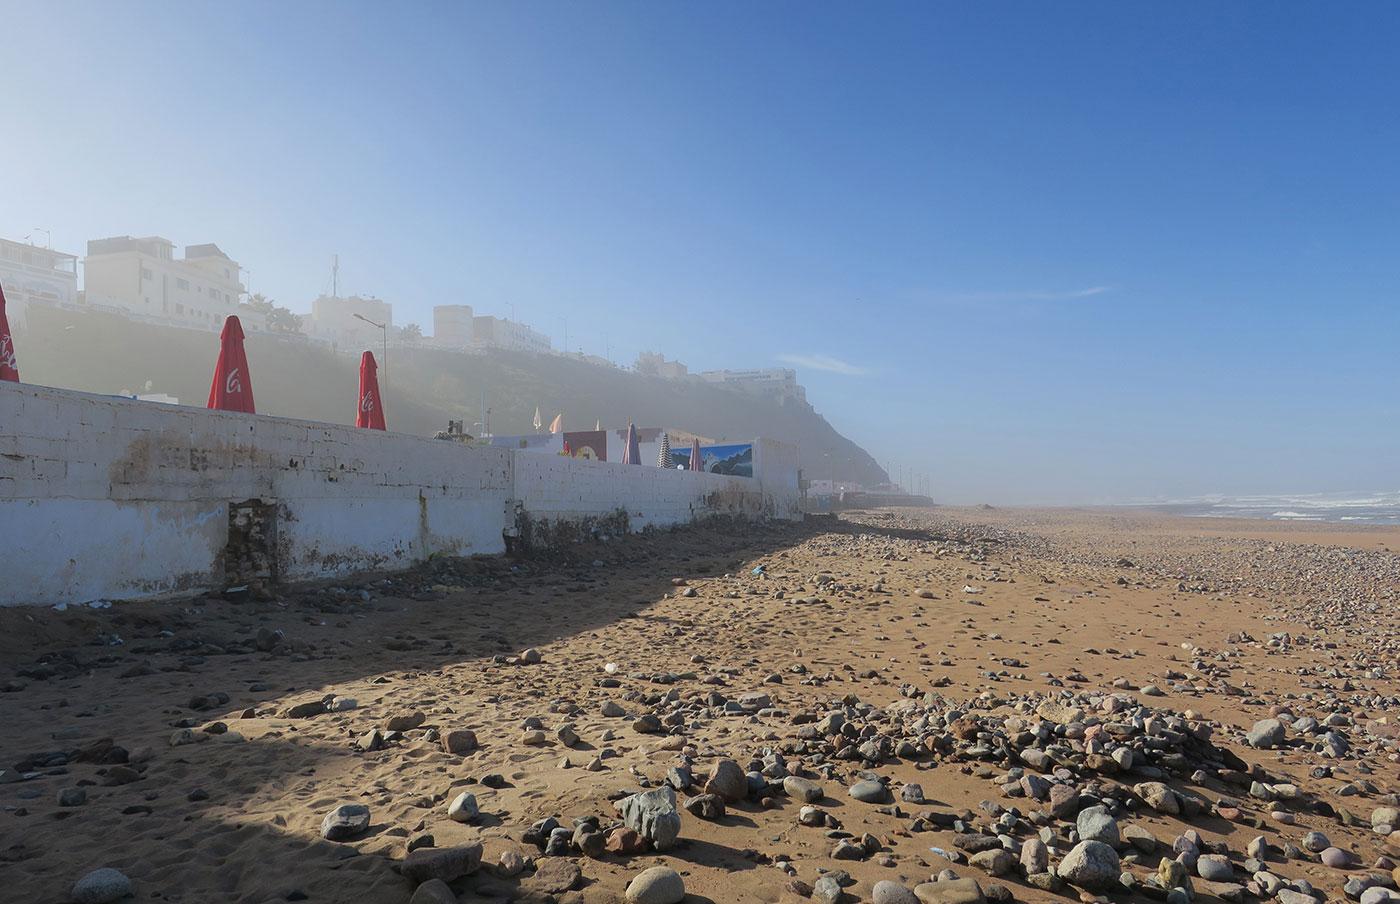 06_atlantik_sidi-ifni_marokko_2018-11-28_5140